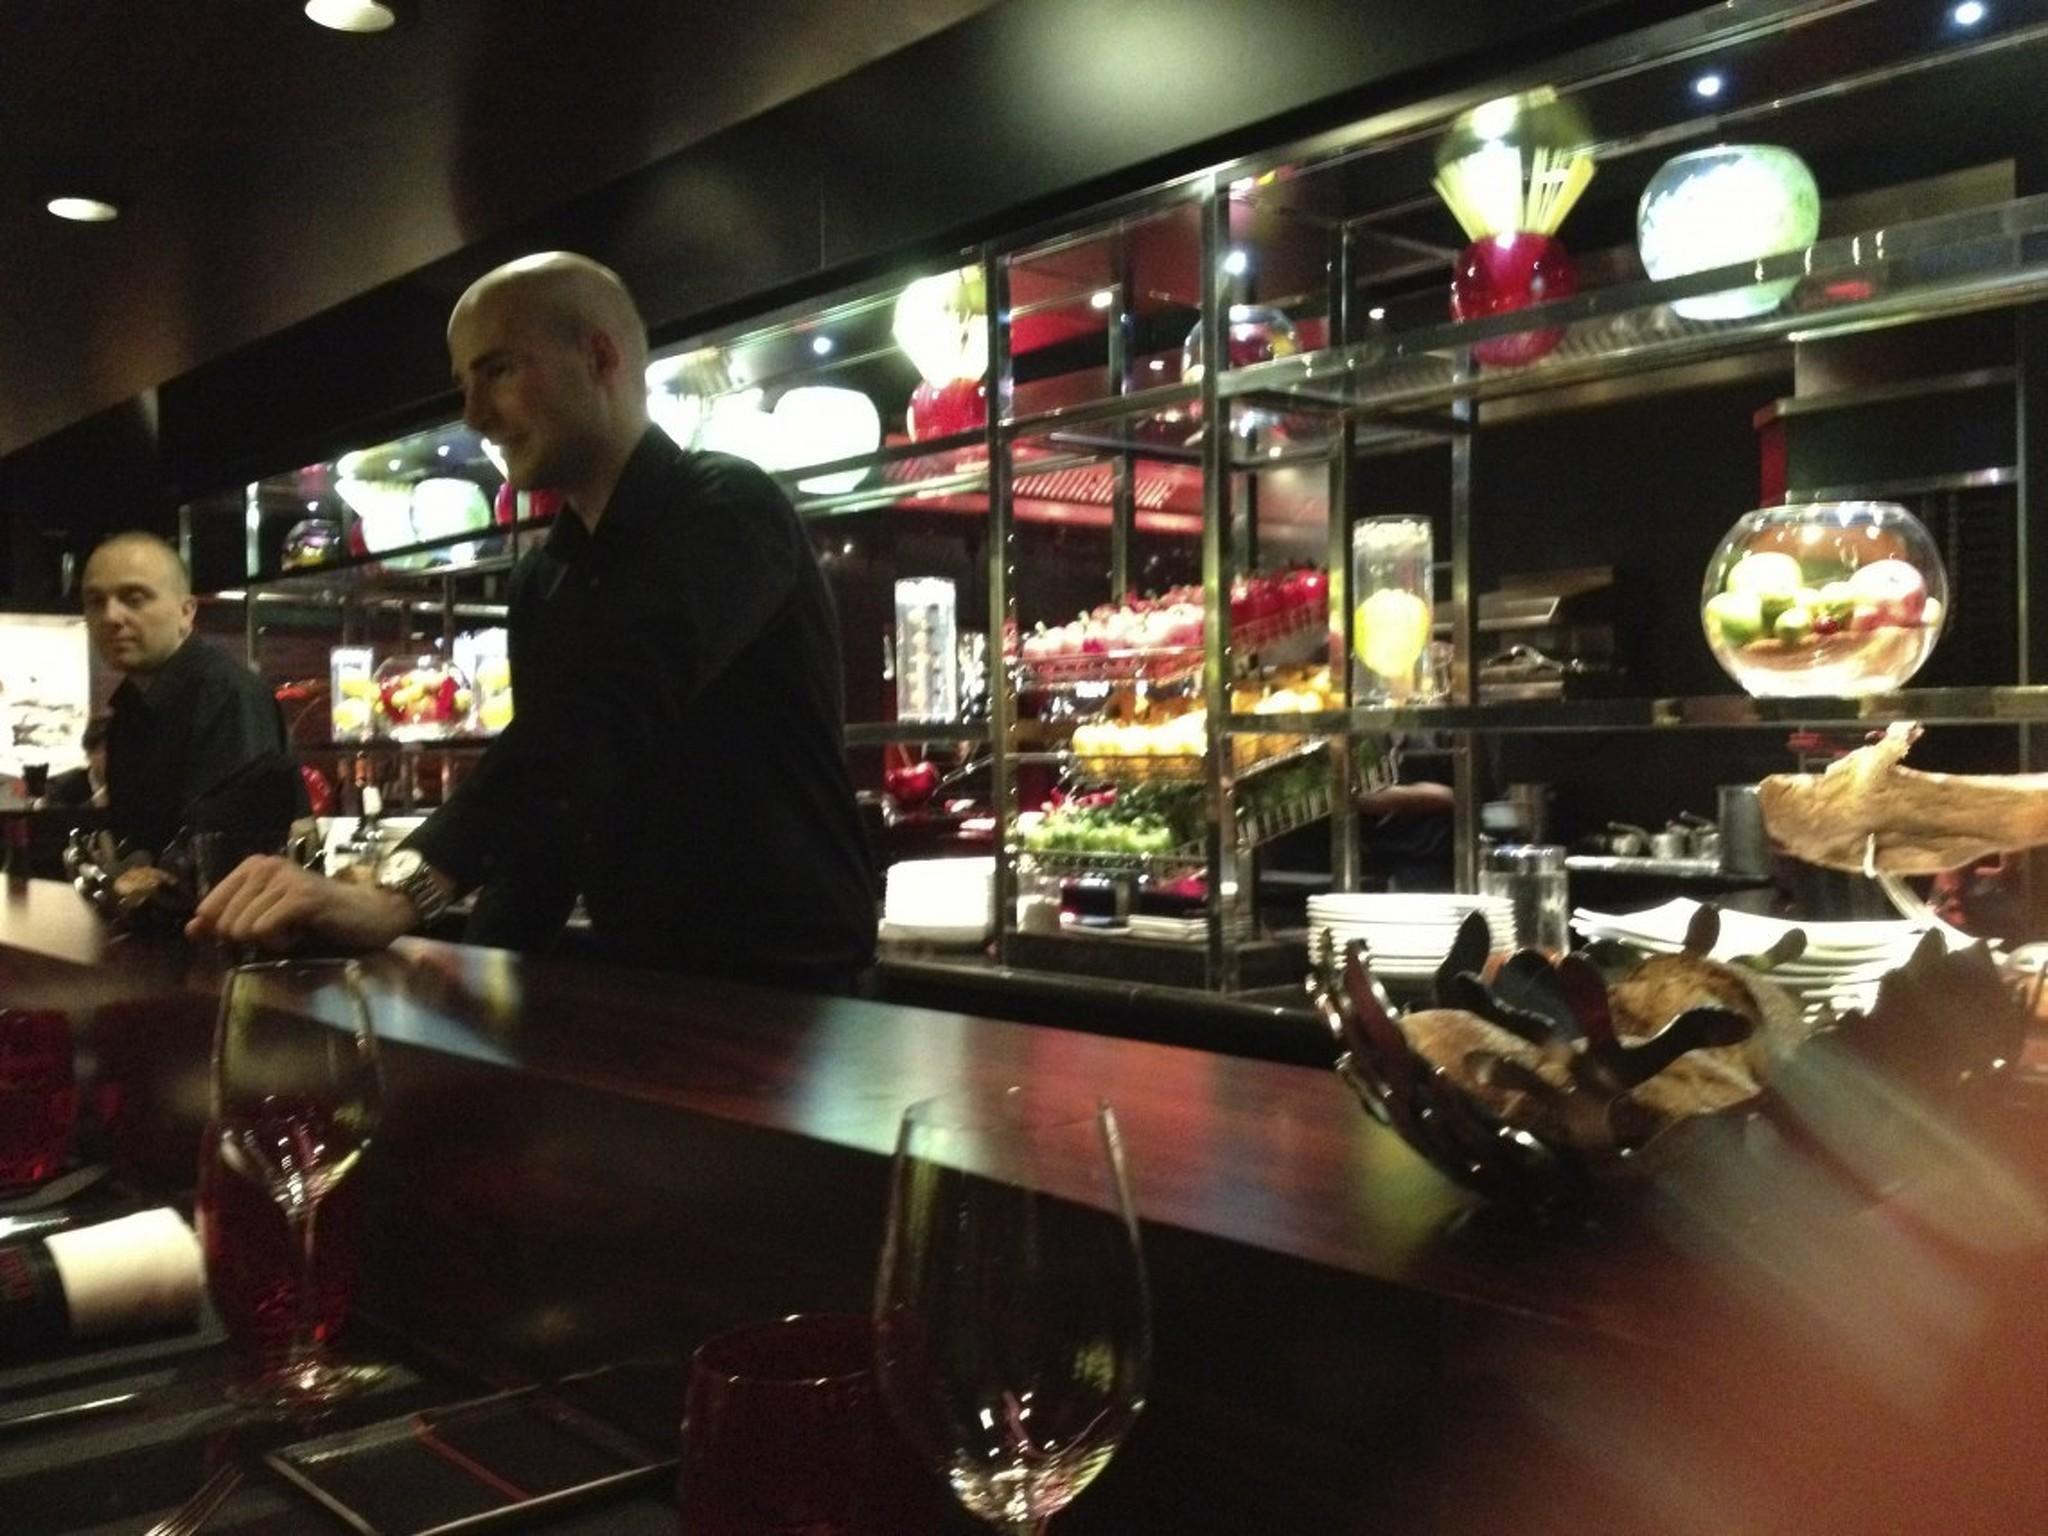 L Atelier 50 meal at l'atelier de joël robuchon etoile restaurant, paris